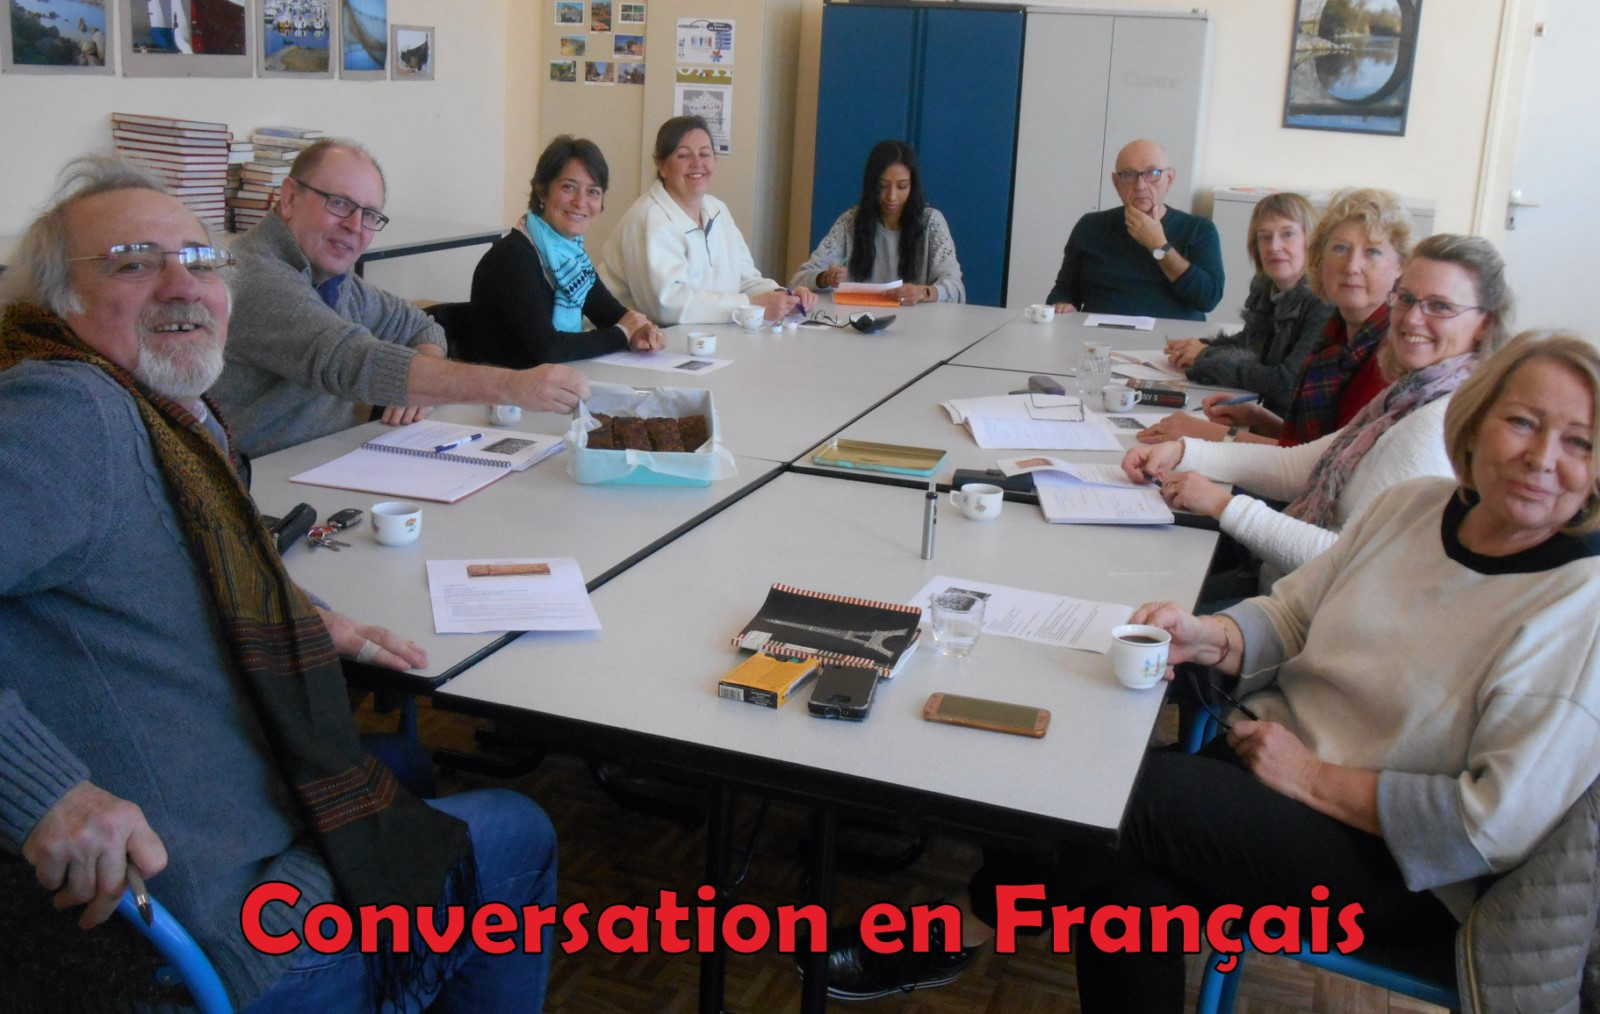 26Conversation en Français (2)